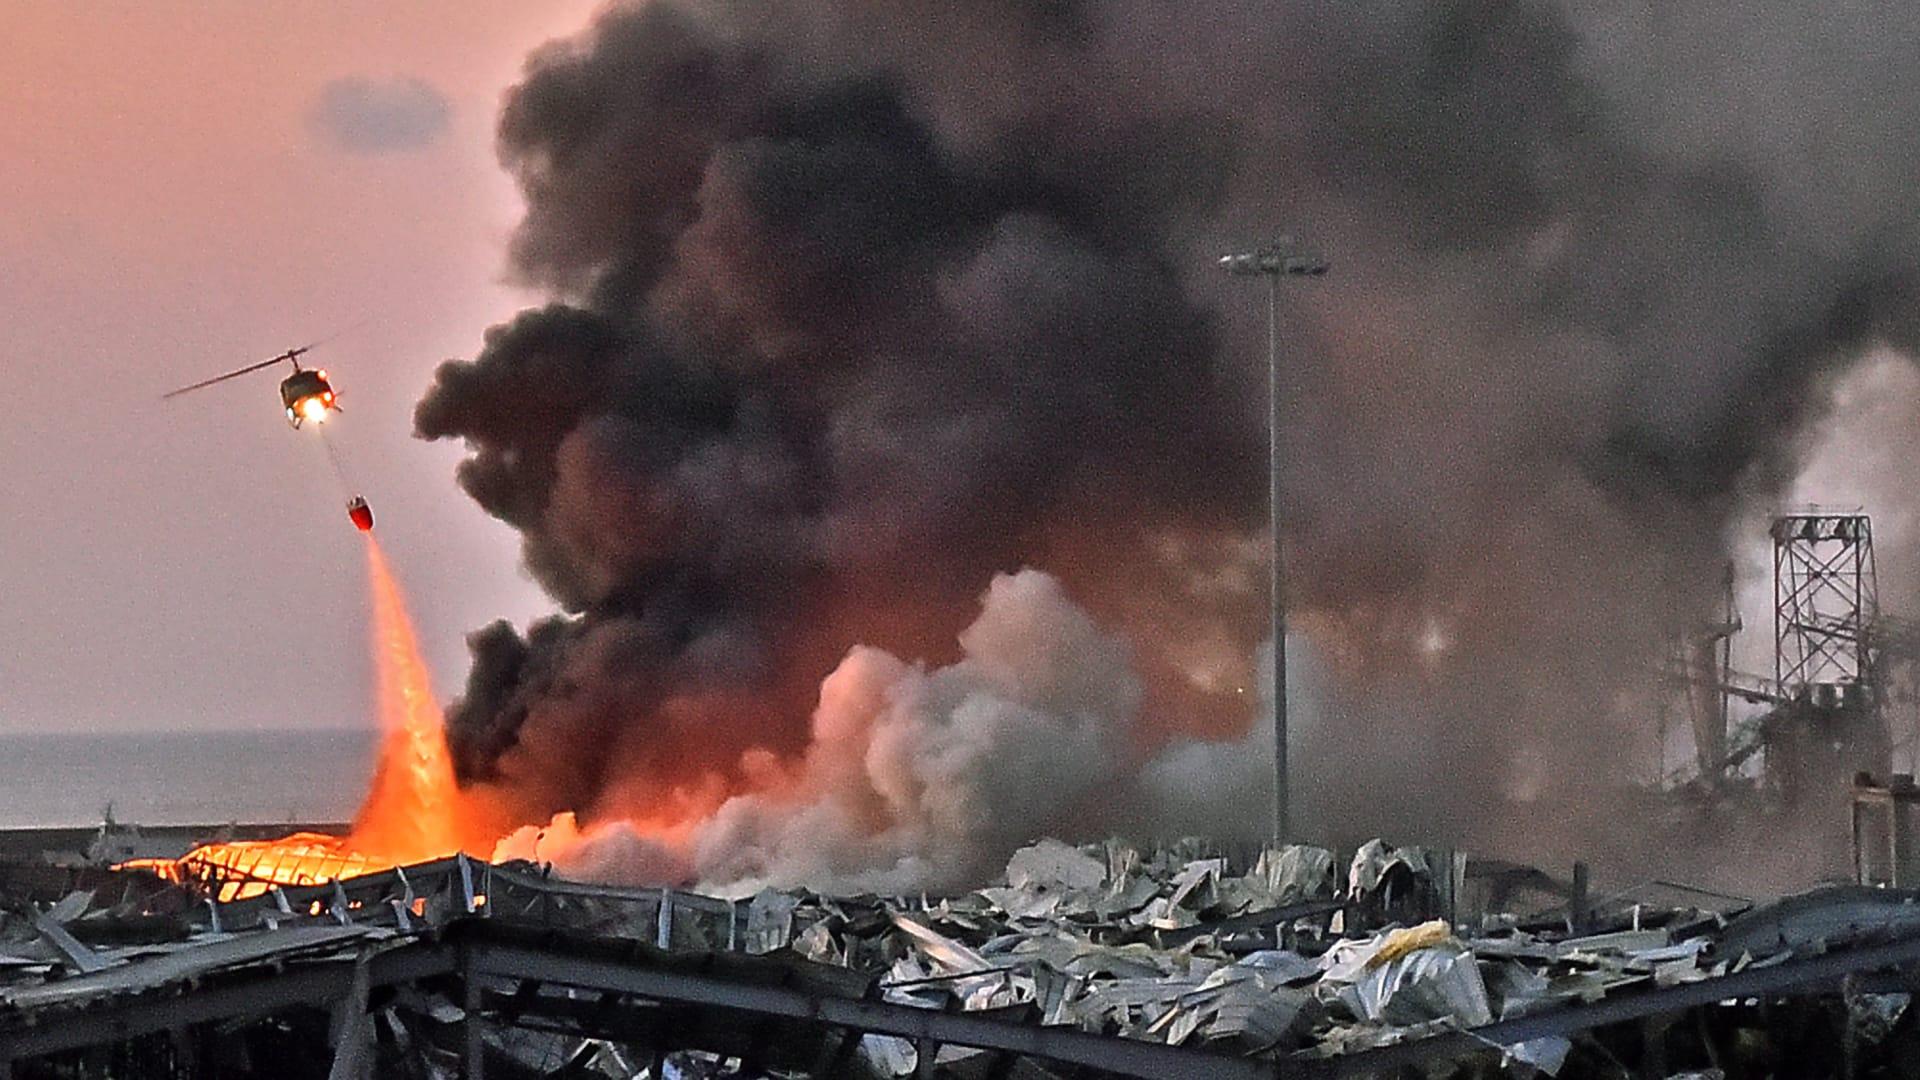 لبنان.. اتهام رئيس حكومة تصريف الأعمال و3 وزراء سابقين في قضية انفجار مرفأ بيروت